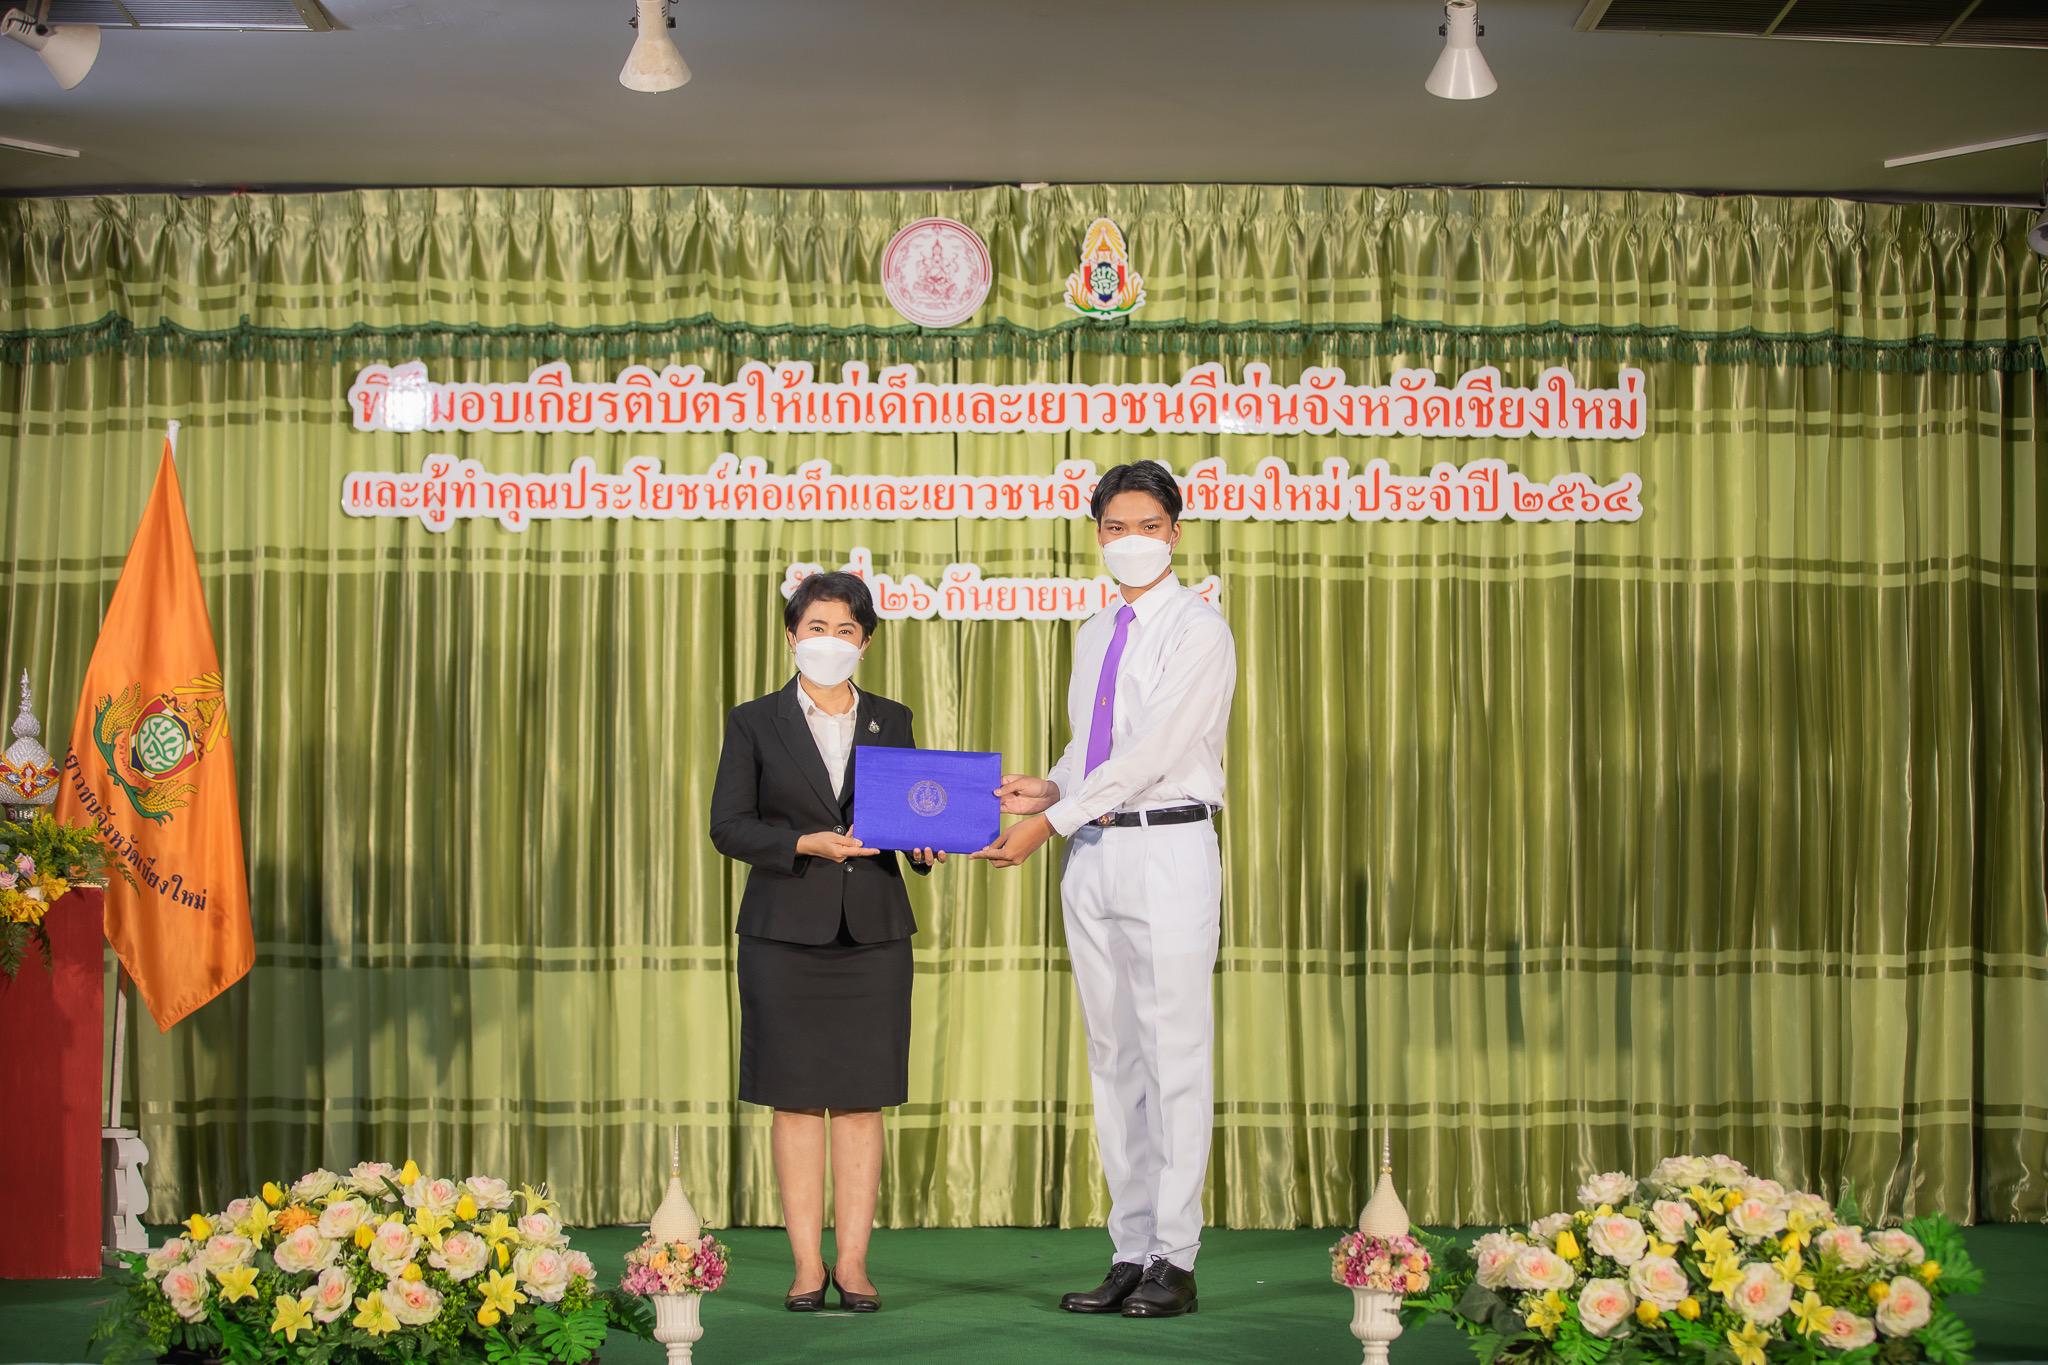 นักศึกษาพยาบาลชั้นปีที่ 1 ได้รับรางวัลเด็กและเยาวชนดีเด่นจังหวัดเชียงใหม่ ประจำปี 2564